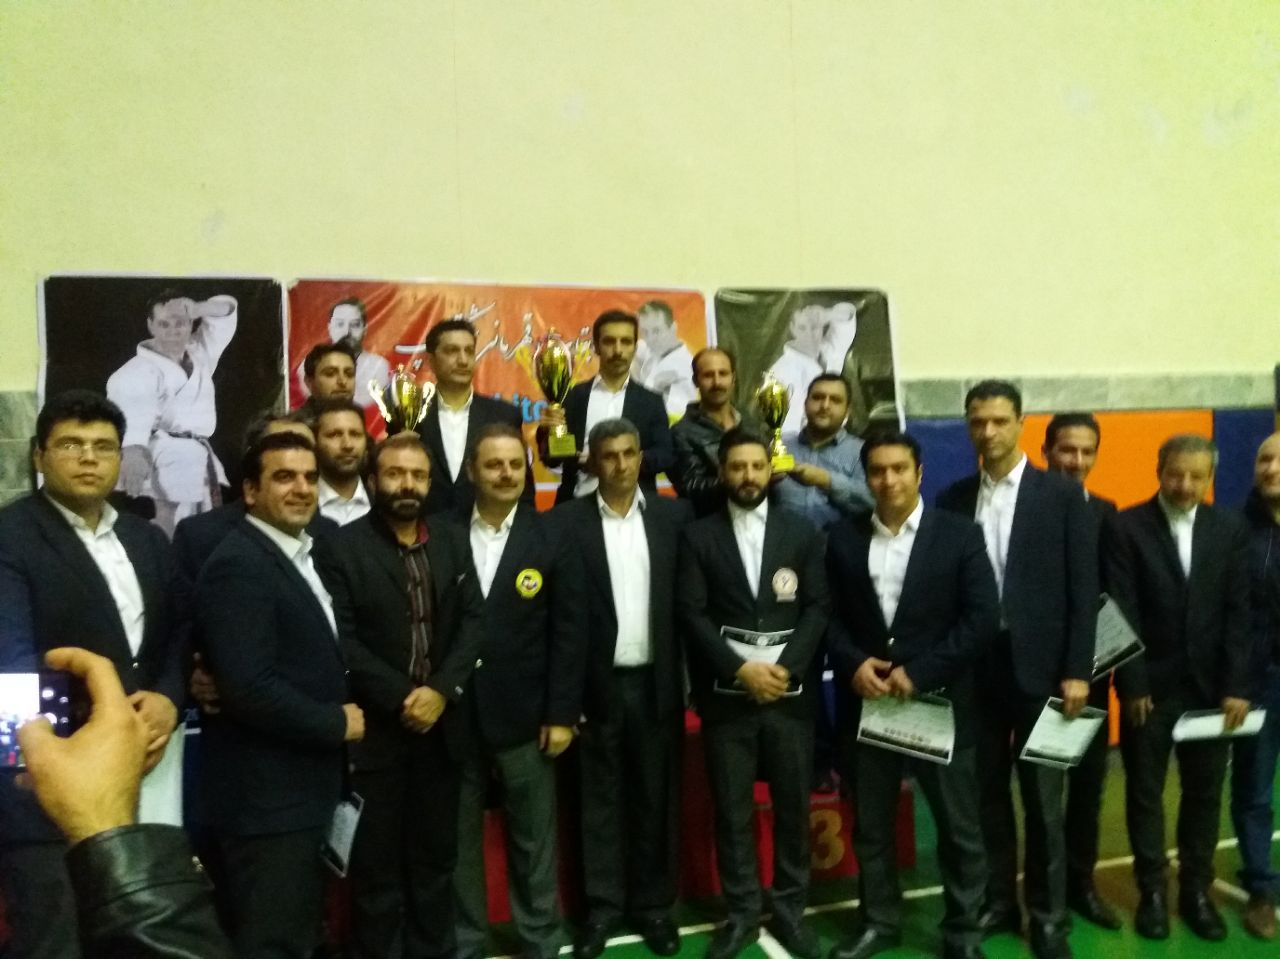 قهرمانی مقتدرانه در دومین دوره مسابقات شیتوکاپ